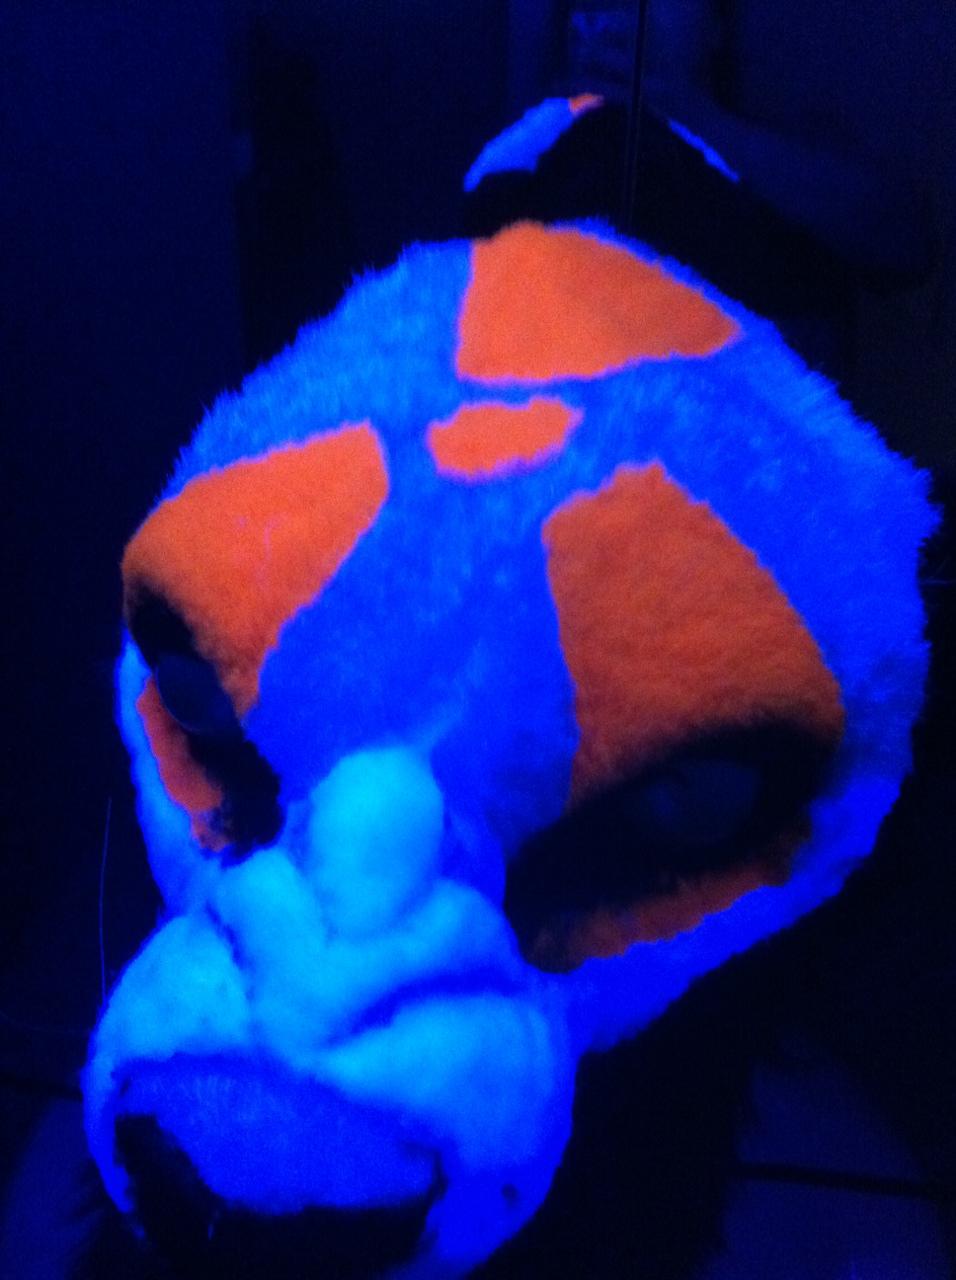 UV Geiger - Close up